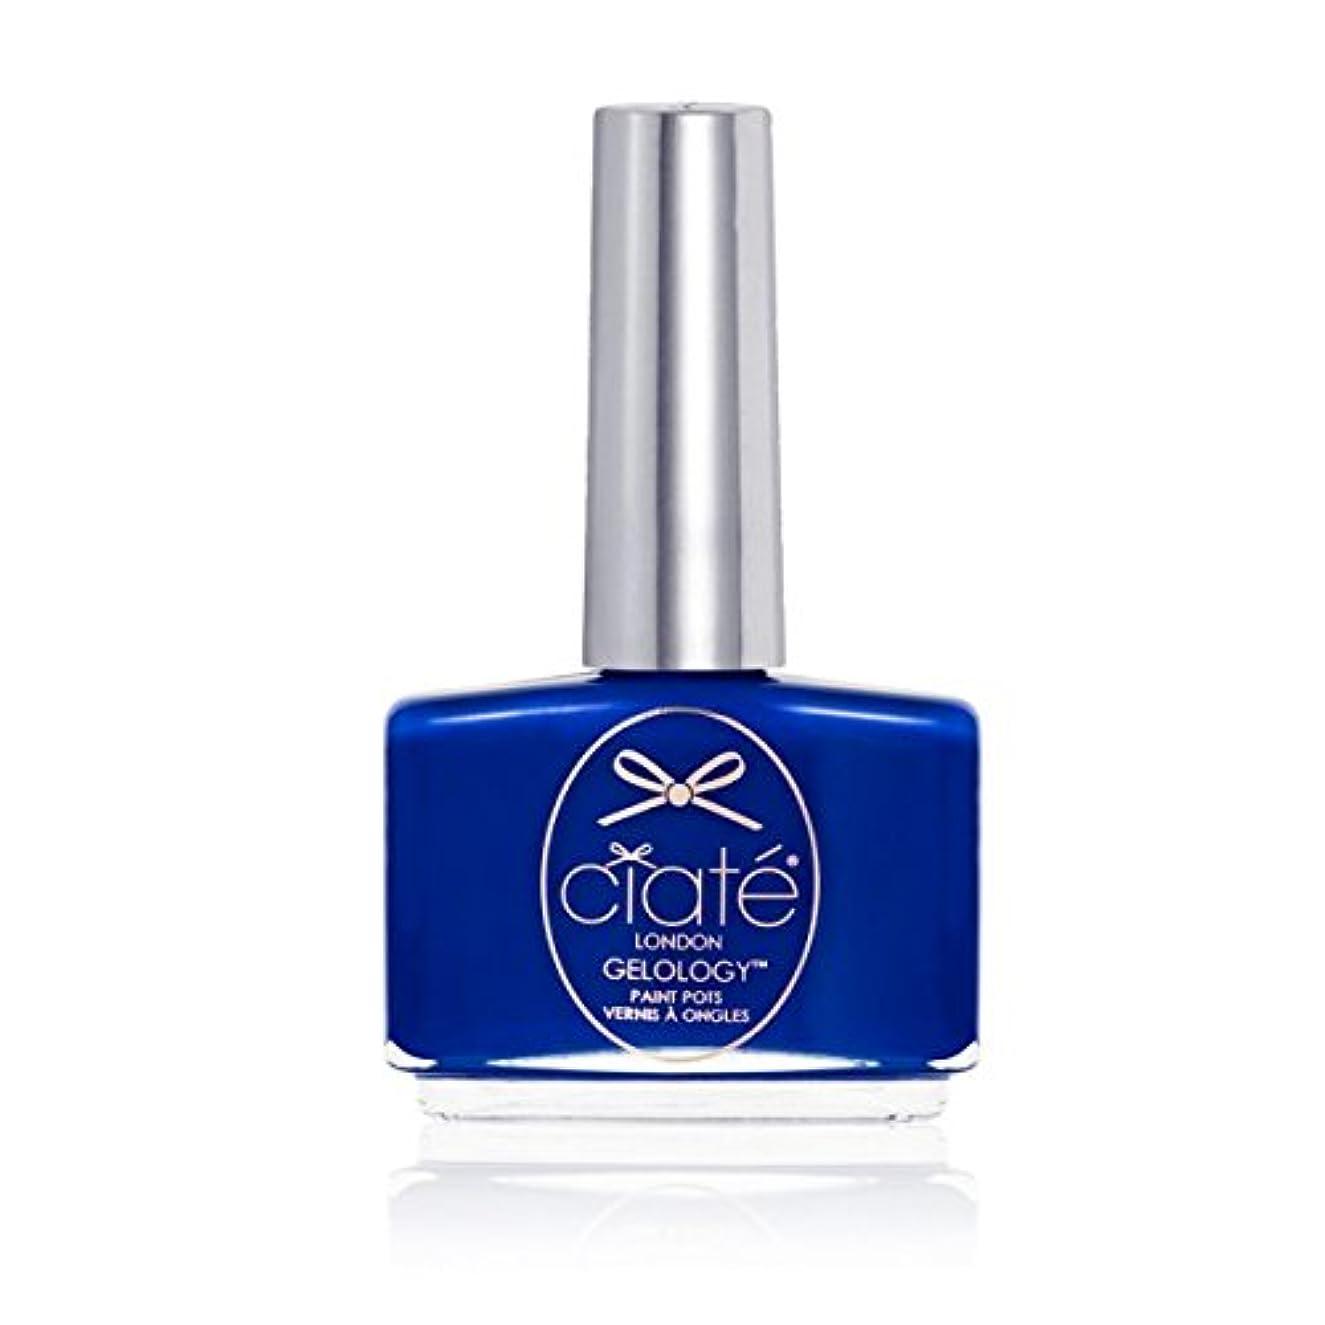 スクリーチ自分の病気[ciate] [シアテロンドン ] ジェルロジープールパーティー(カラー:マリンブルー)-GELOLOGY-POOL PARTY シアテロンドン ジェルポリッシュ 色:マリンブルー ネイルカラー系統:ブルー(青)